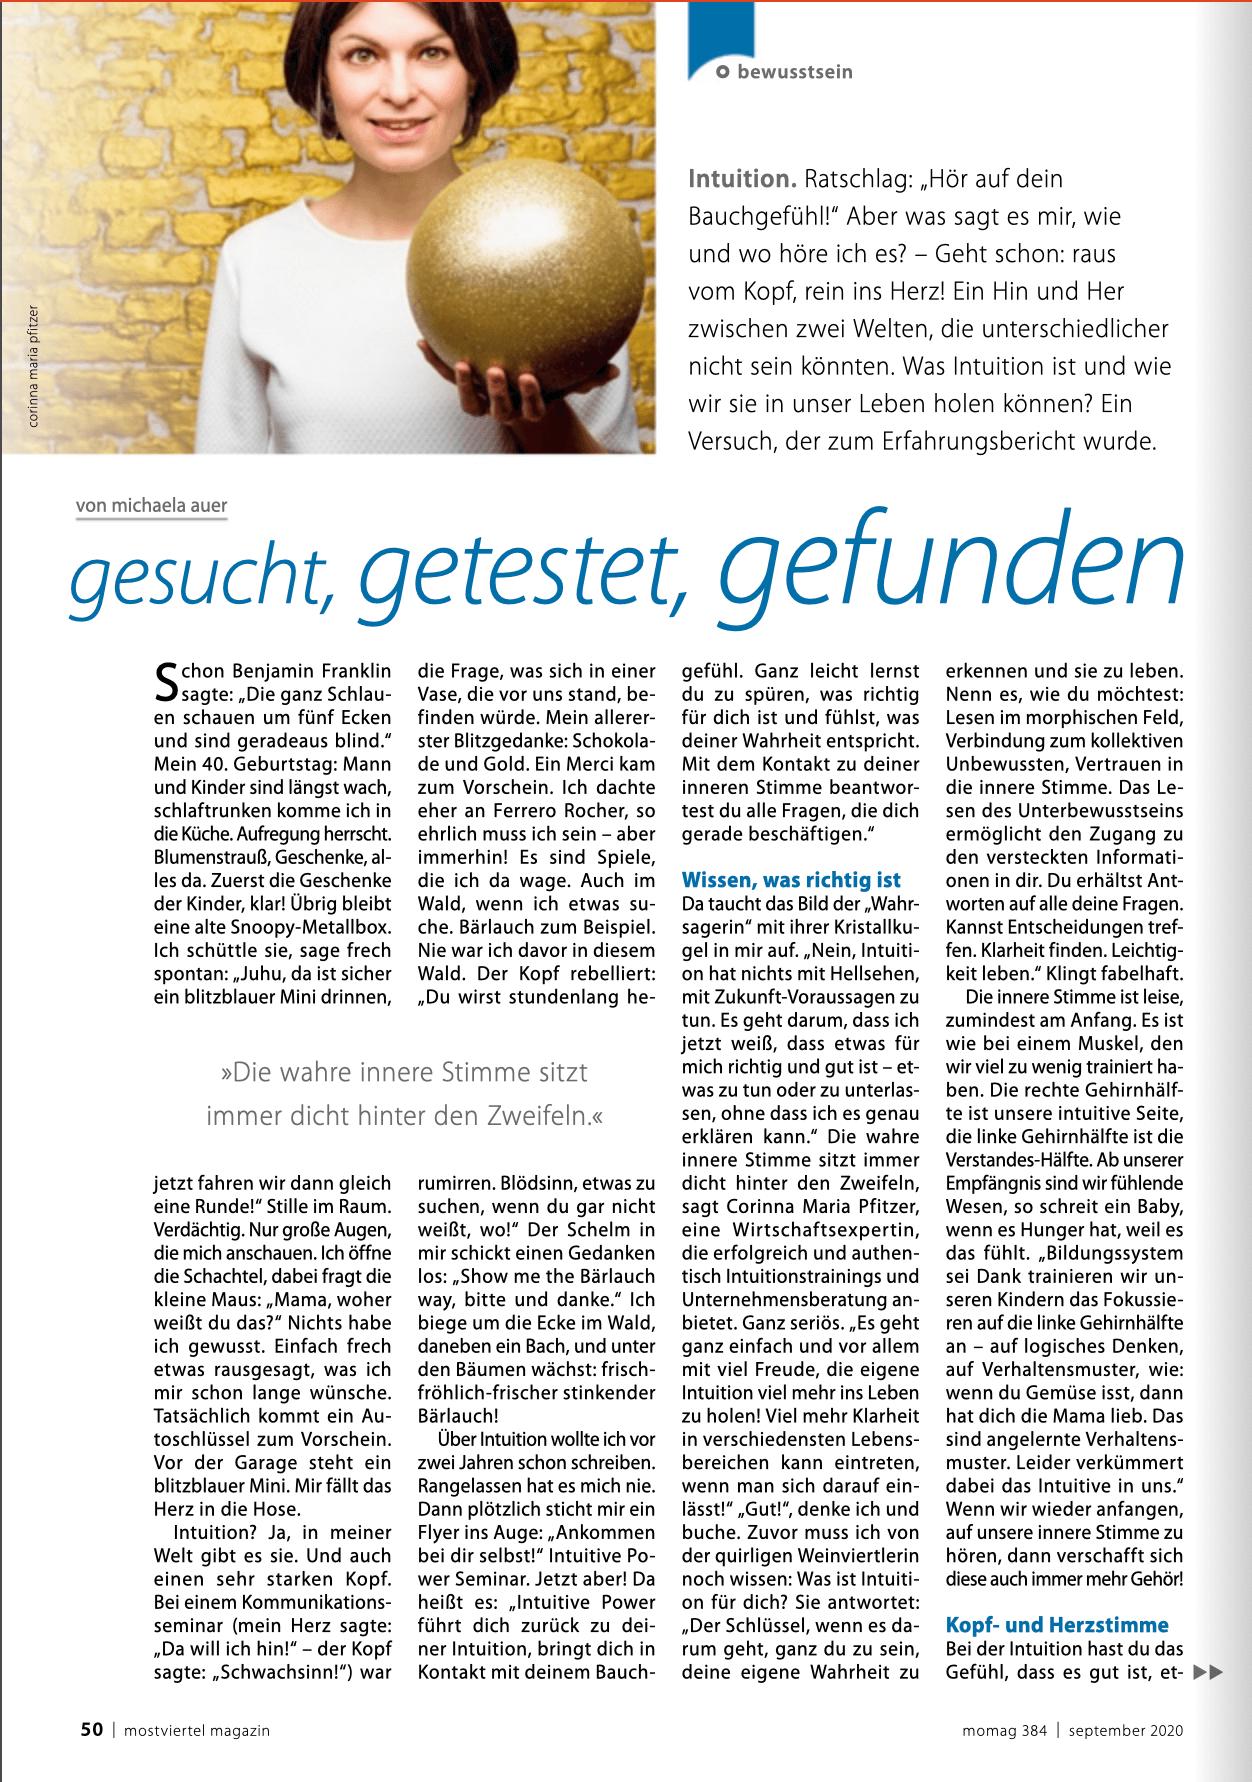 momag-Mostviertel-Magazin-Corinna-Maria-Pfitzer-1